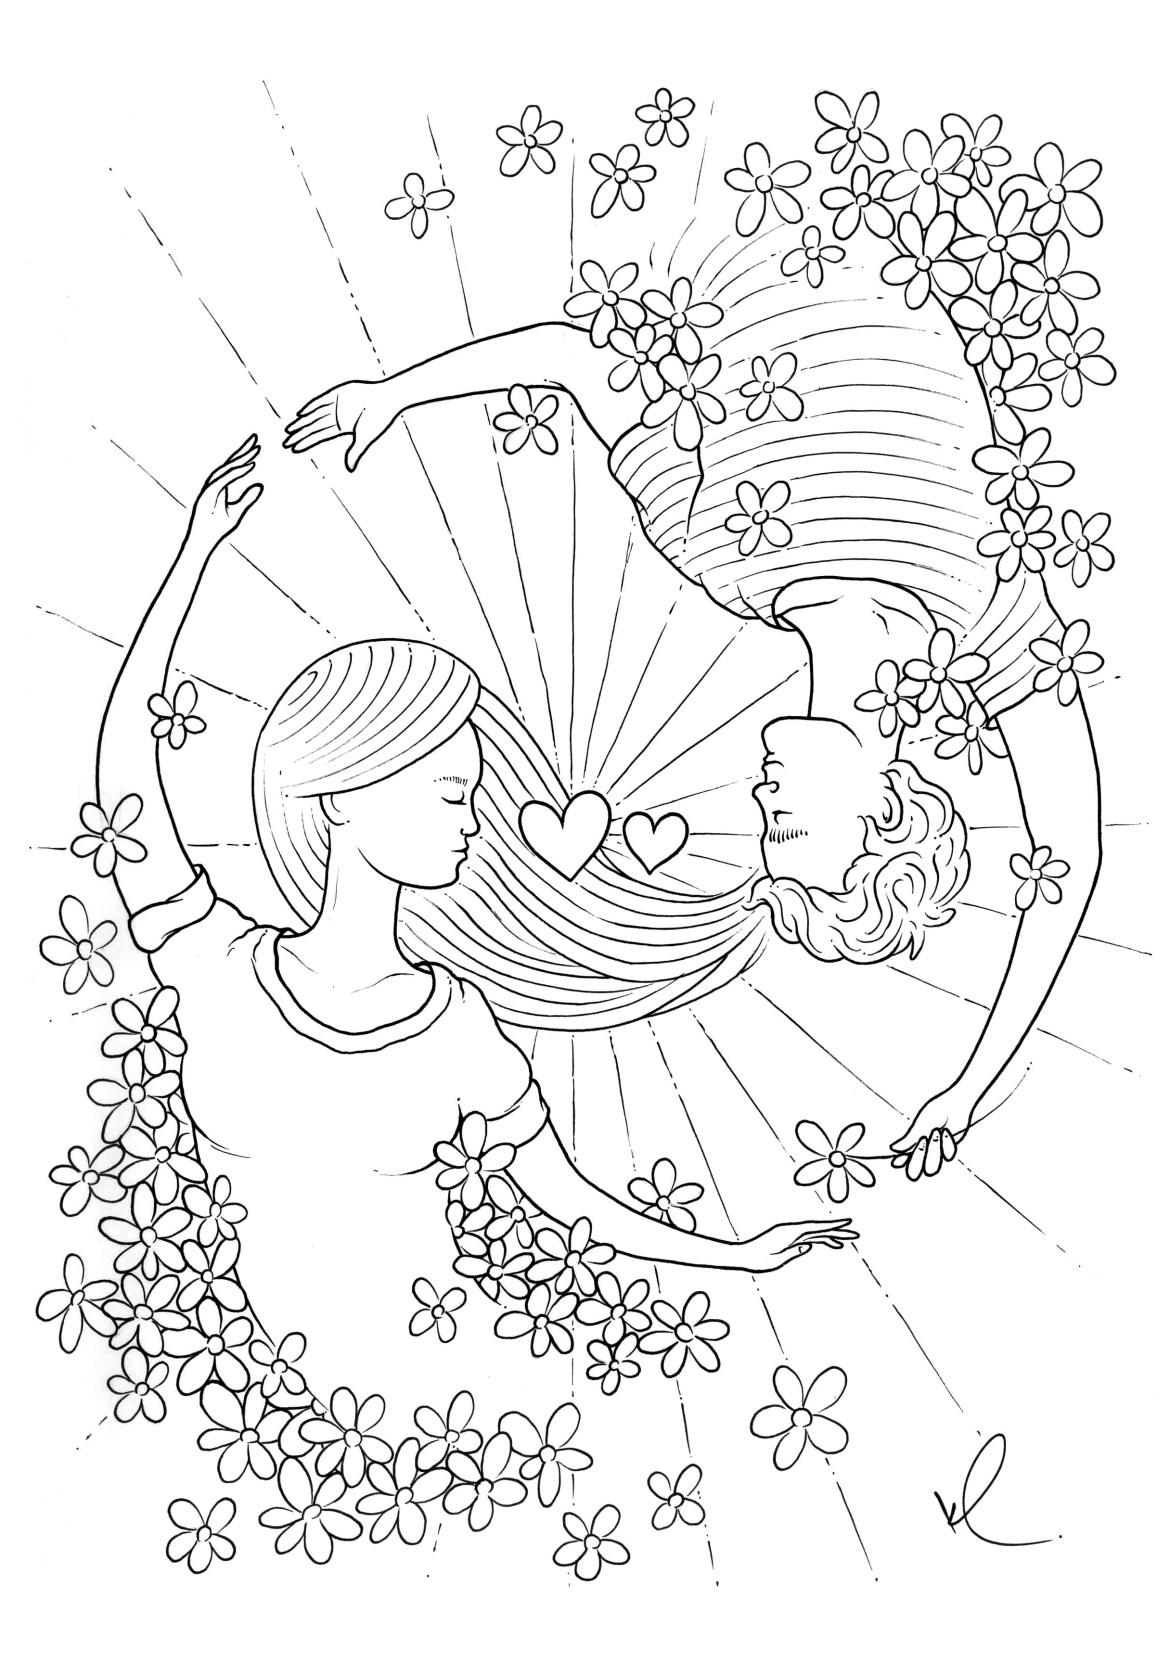 dessin pour la saint valentin par konstantinos liaramantzas. Black Bedroom Furniture Sets. Home Design Ideas